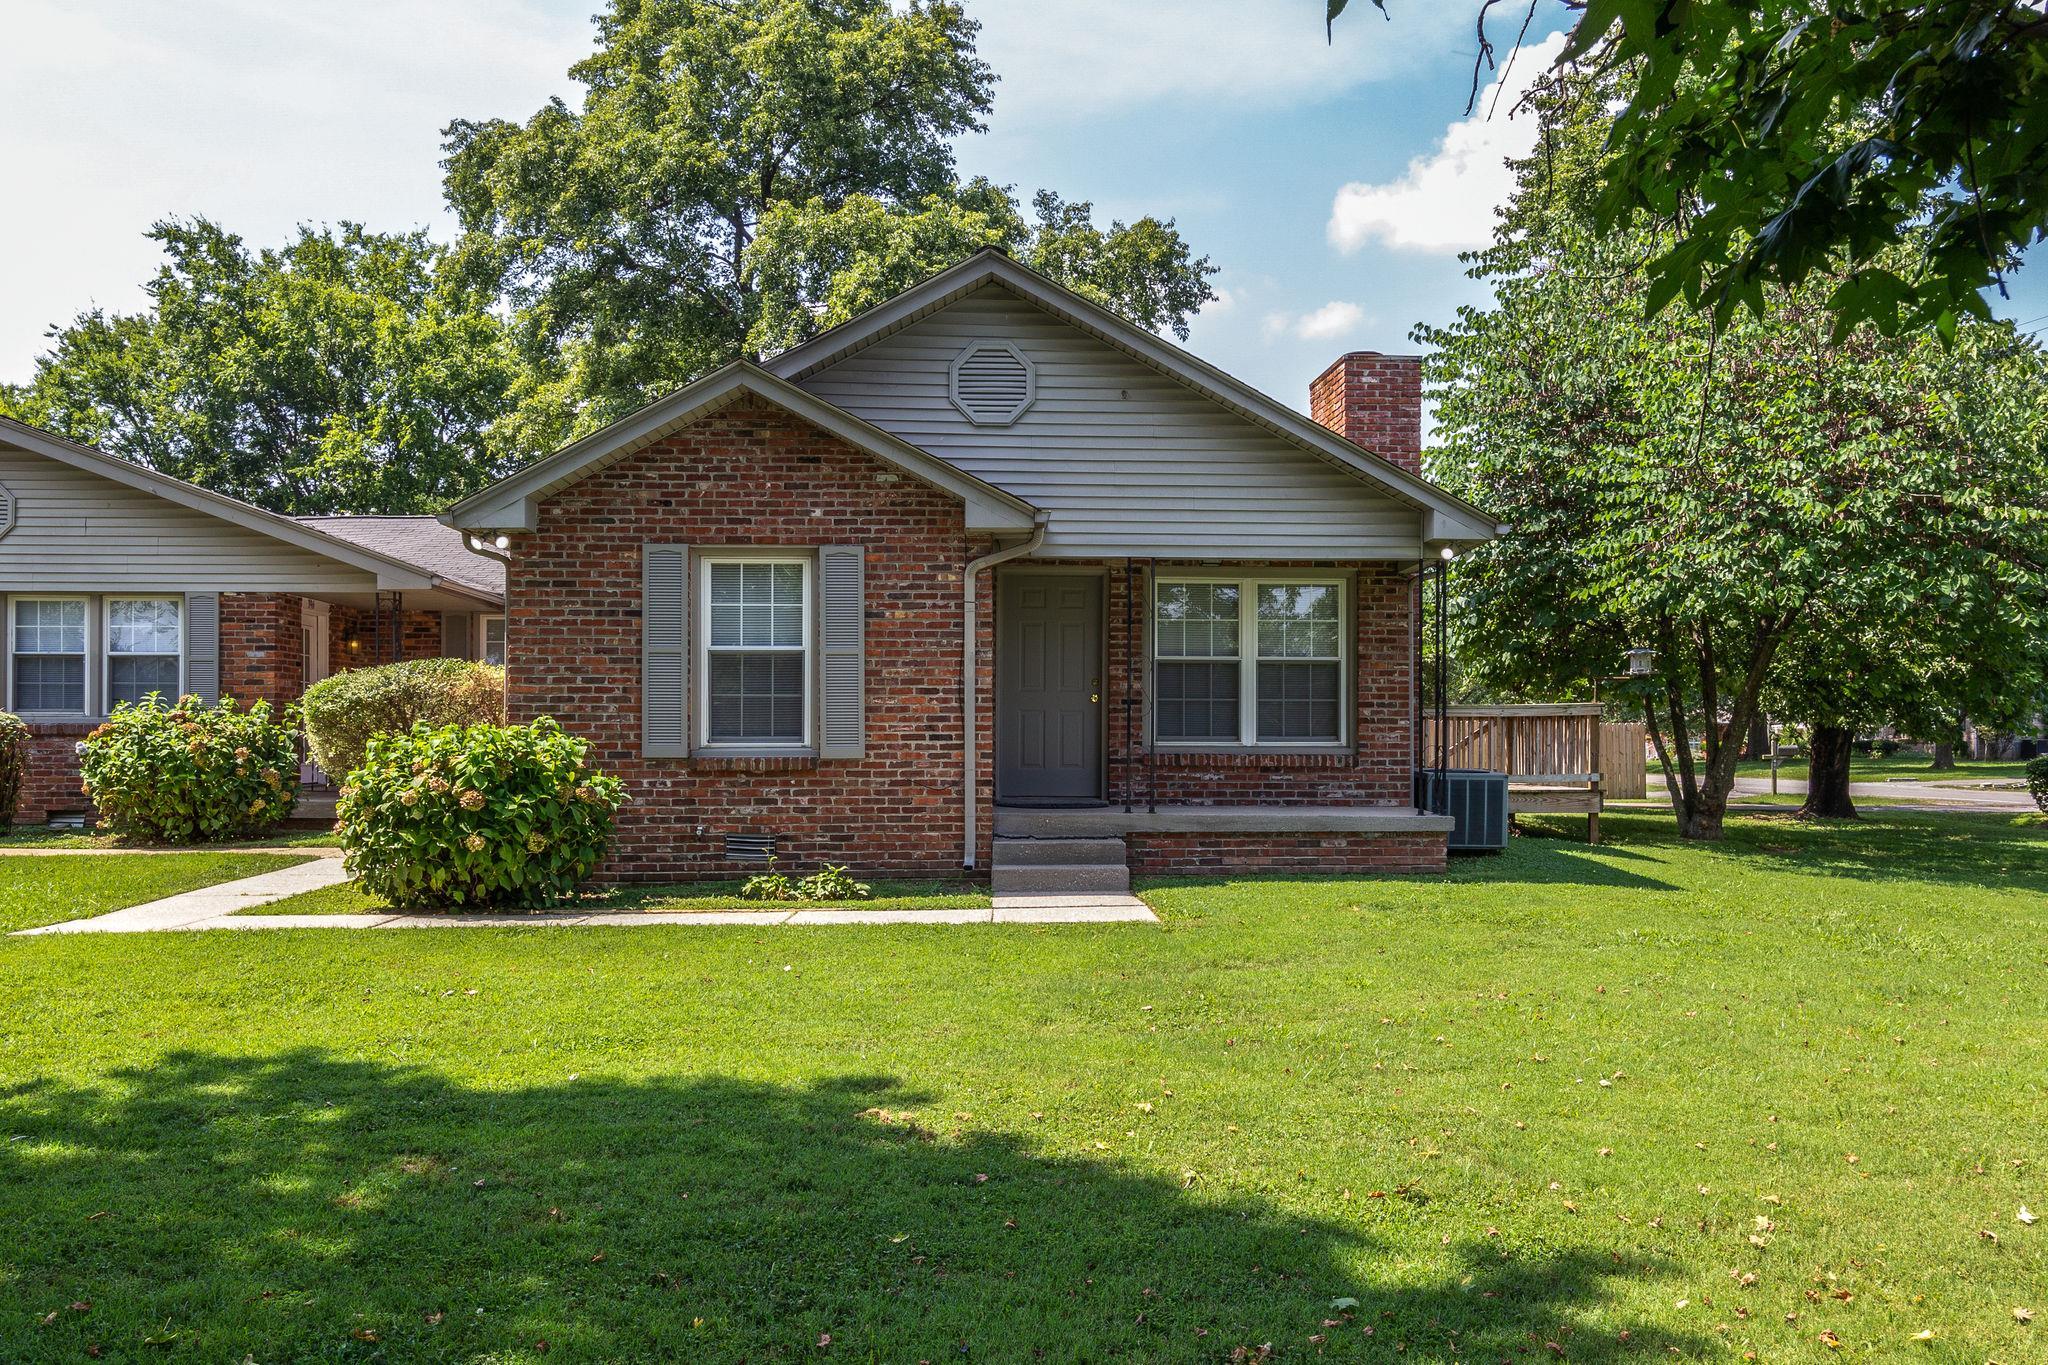 917 Winthorne Drive, Nashville, TN 37217 - Nashville, TN real estate listing